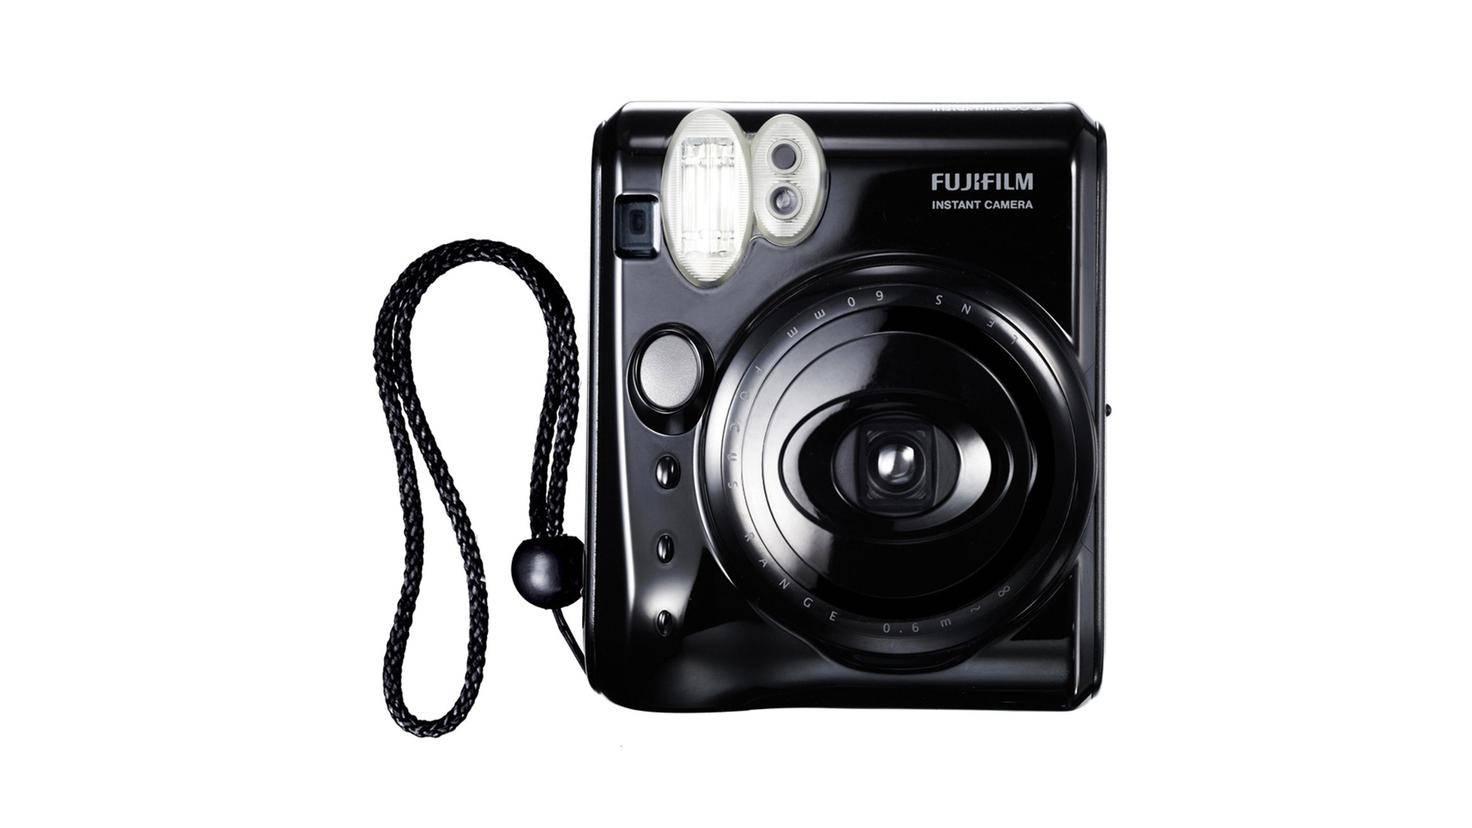 fujifilm-instax-mini-50s